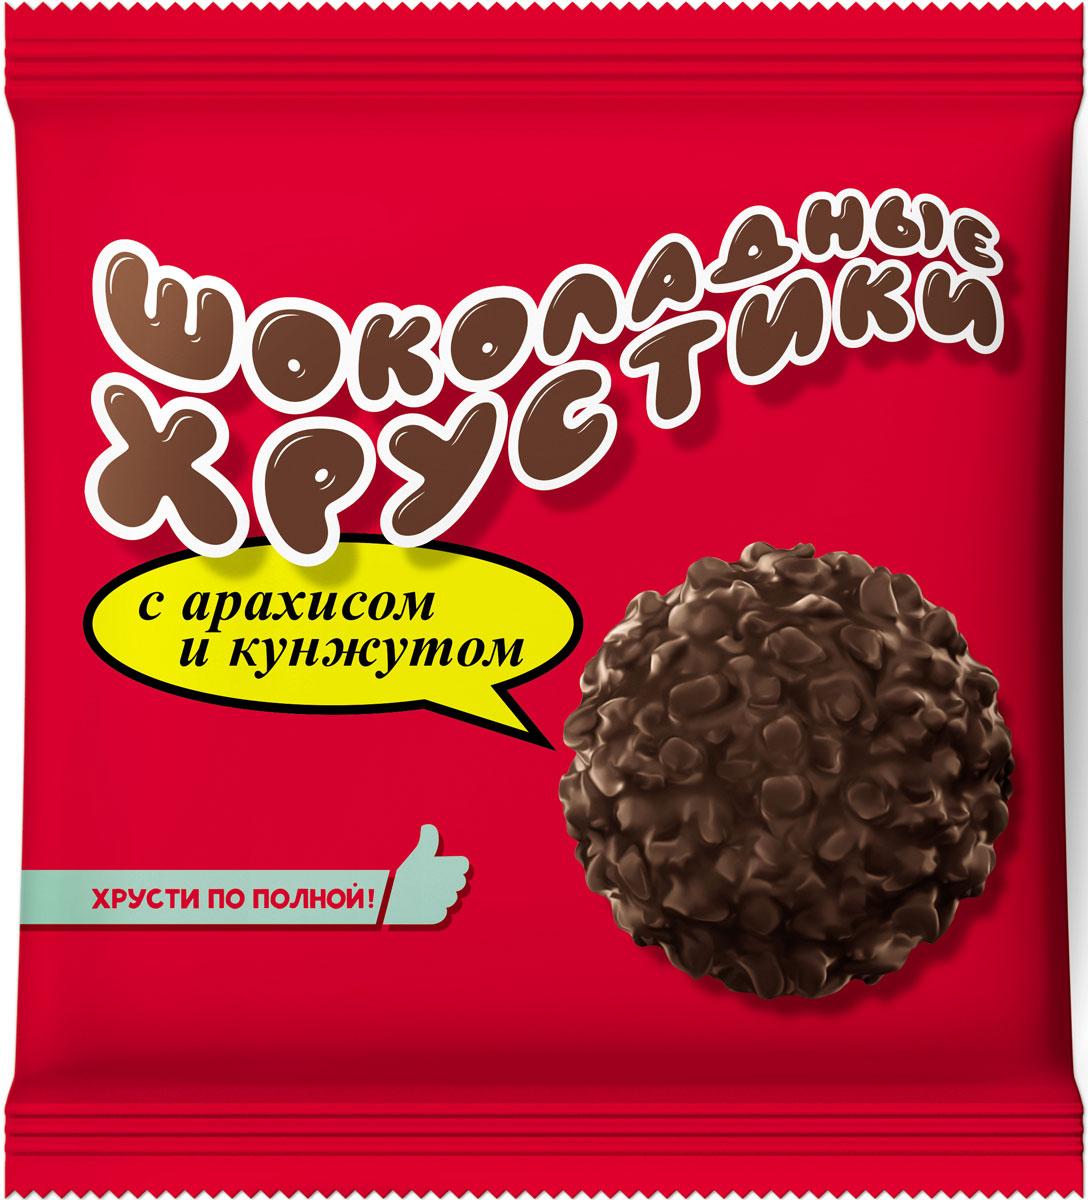 Шоколадные хрустики Конфеты с арахисом и кунжутом, 170 г вижер пряники шоколадные 350 г